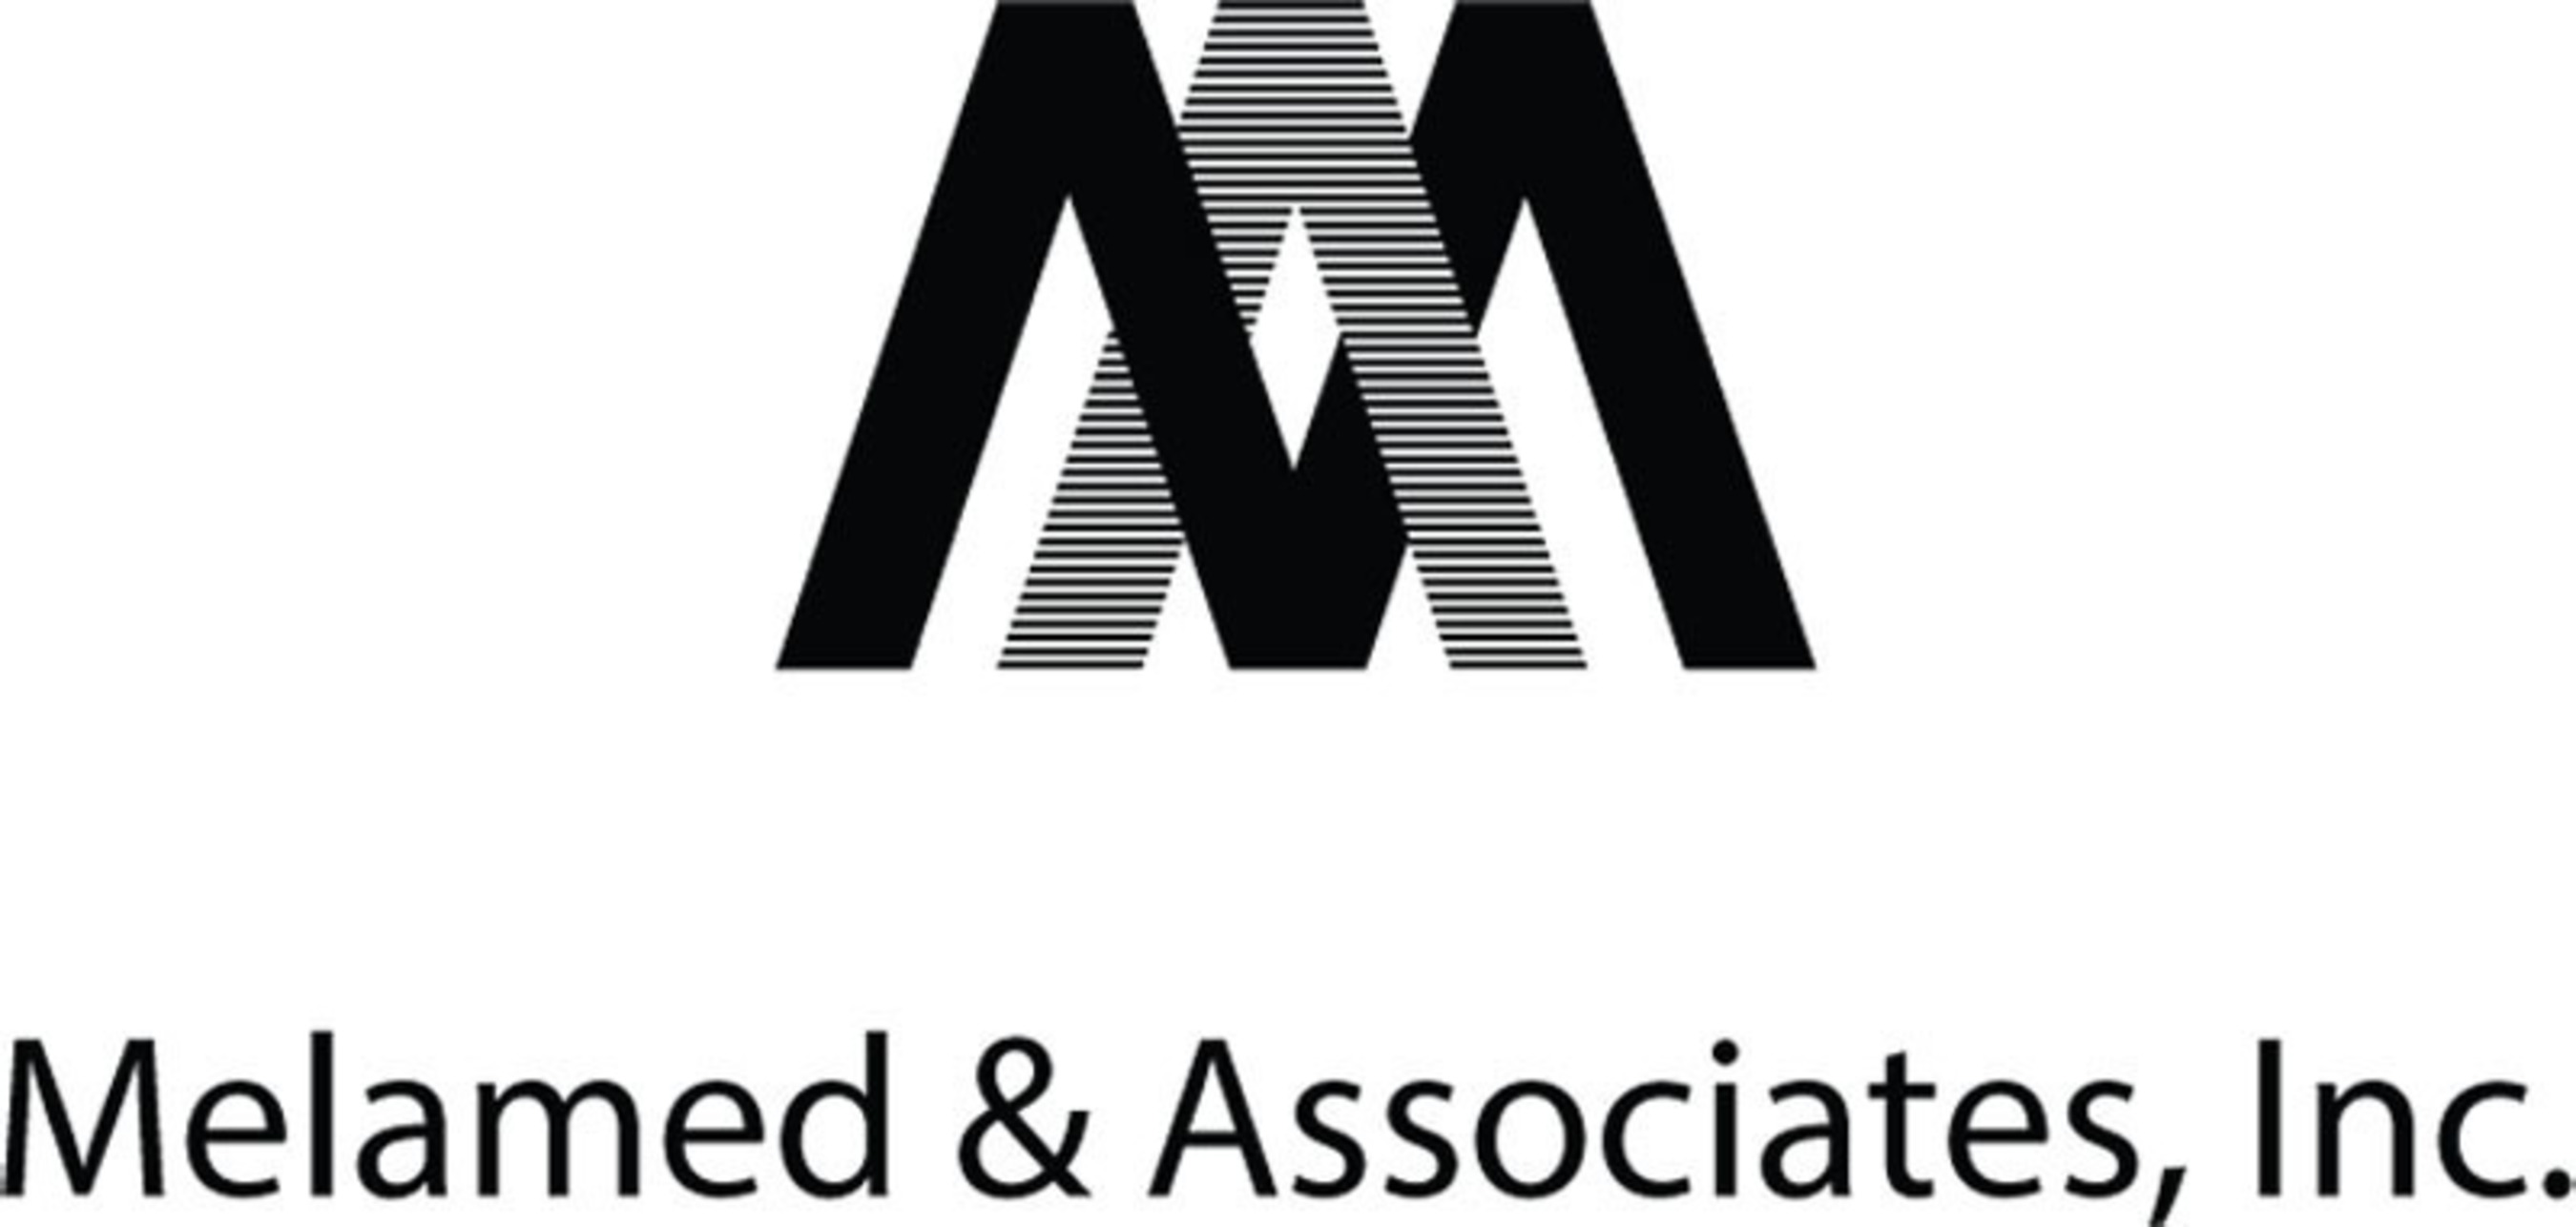 Melamed & Associates logo (PRNewsFoto/Melamed & Associates, Inc.)